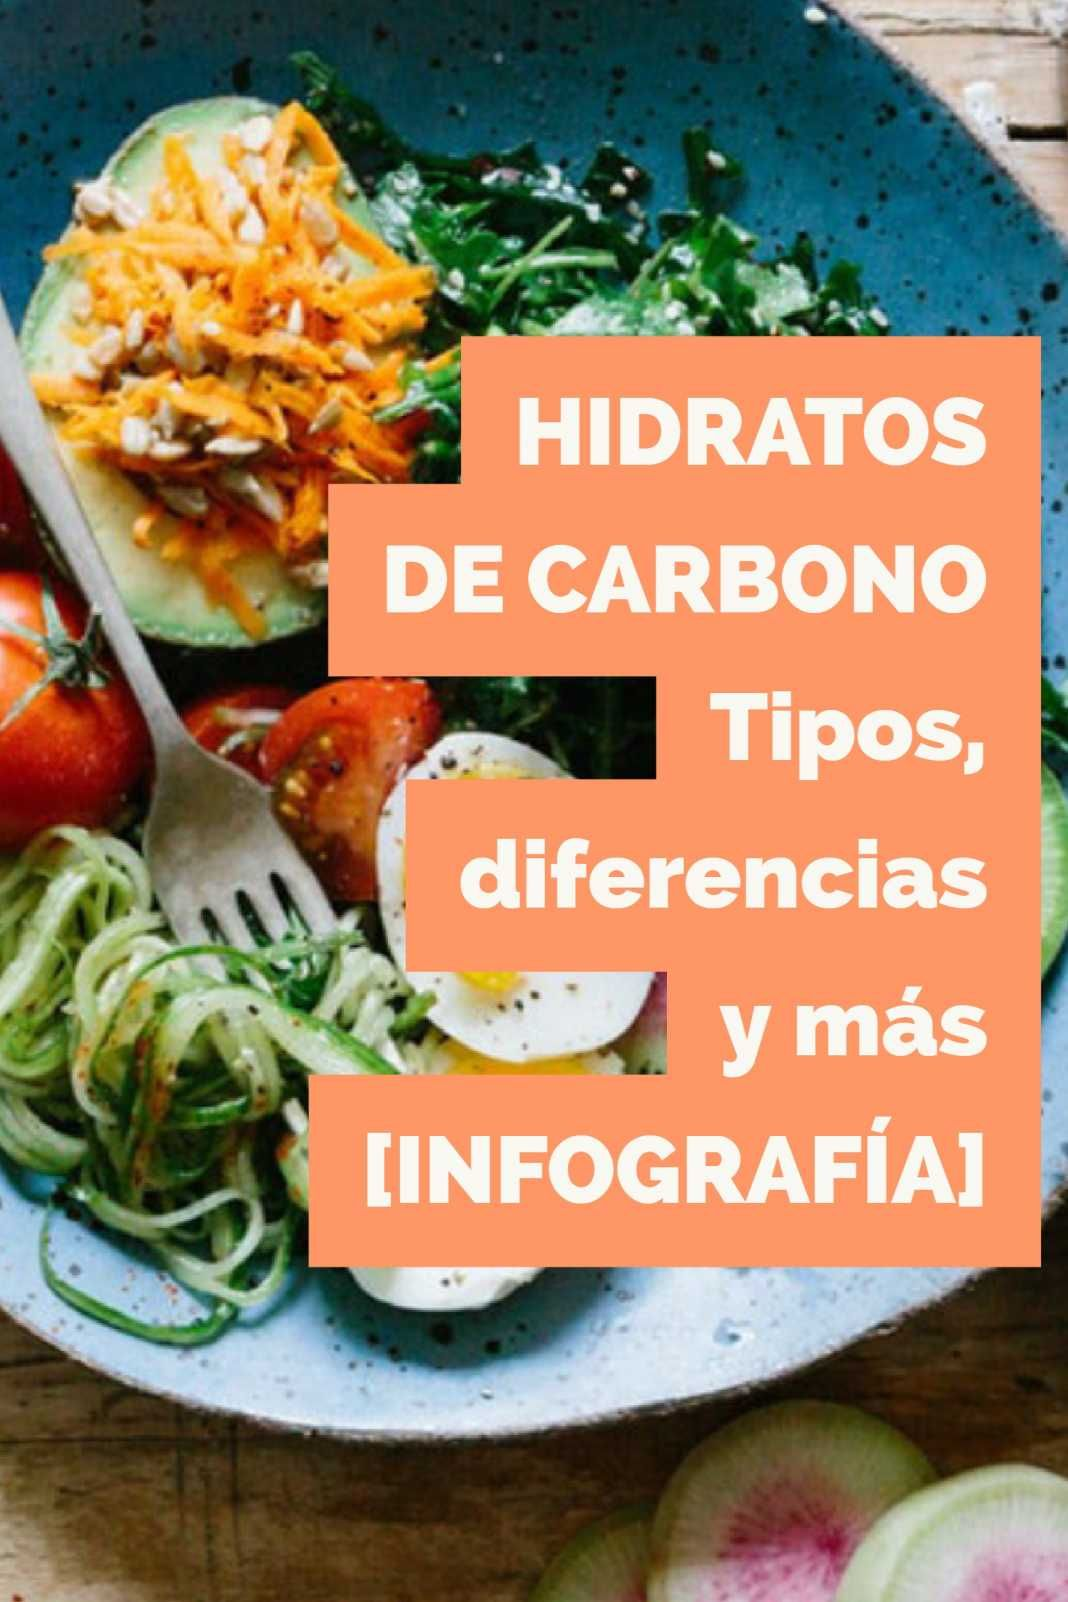 Hidratos De Carbono Qué Son Tipos Y Más Infografía Carbohidrato Runnig Recetas Bajas En Carbohidratos Carbohidratos Y Salud Y Nutricion